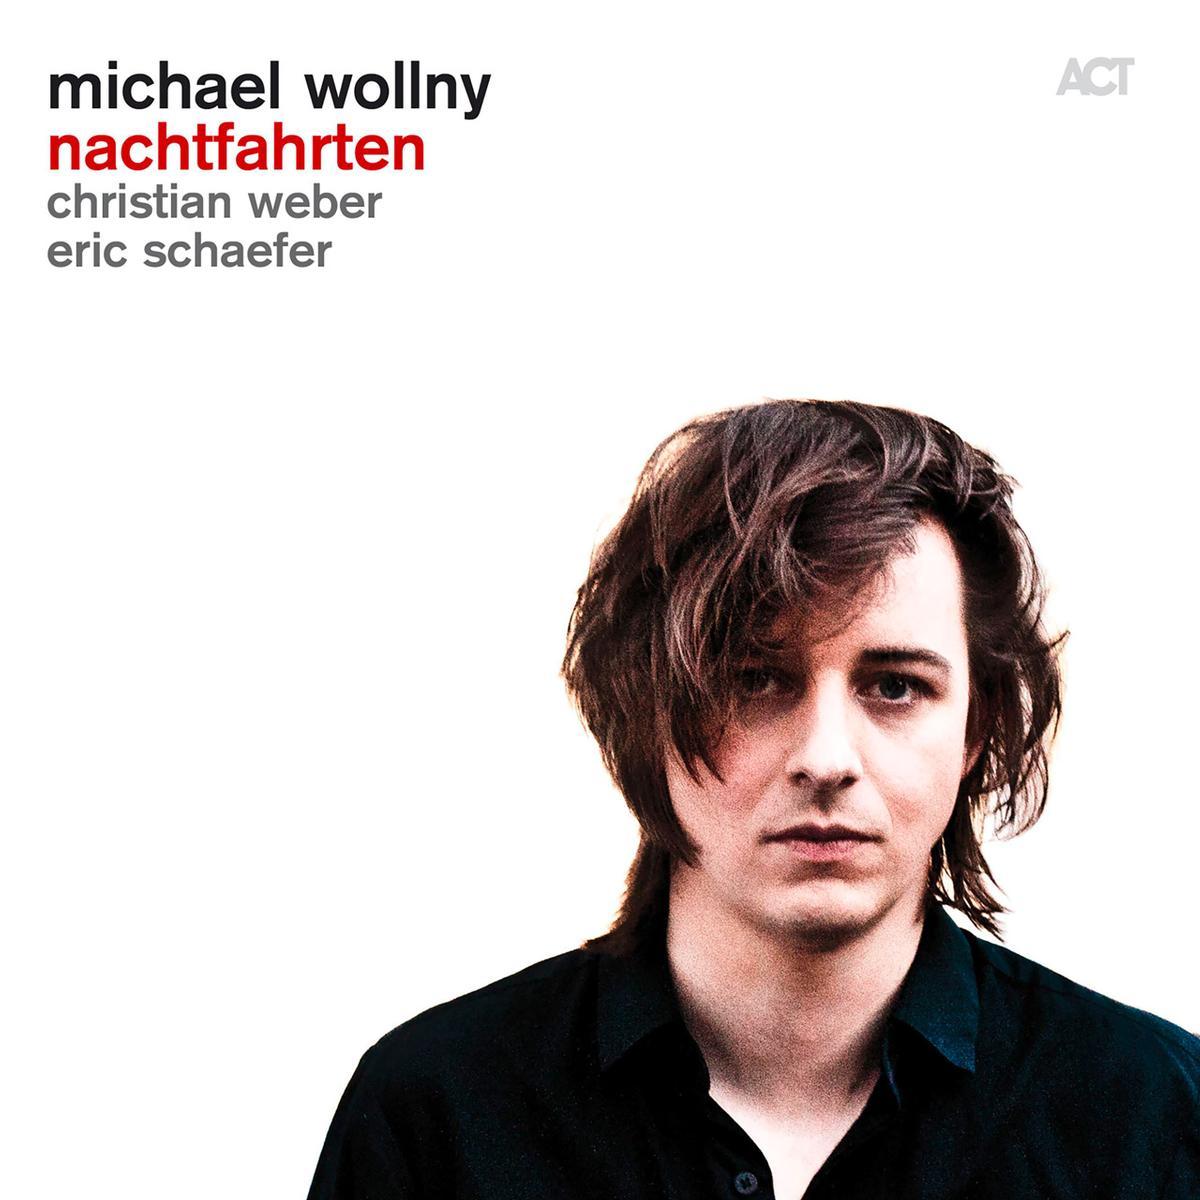 Nachtfahrten - Michael Wollny